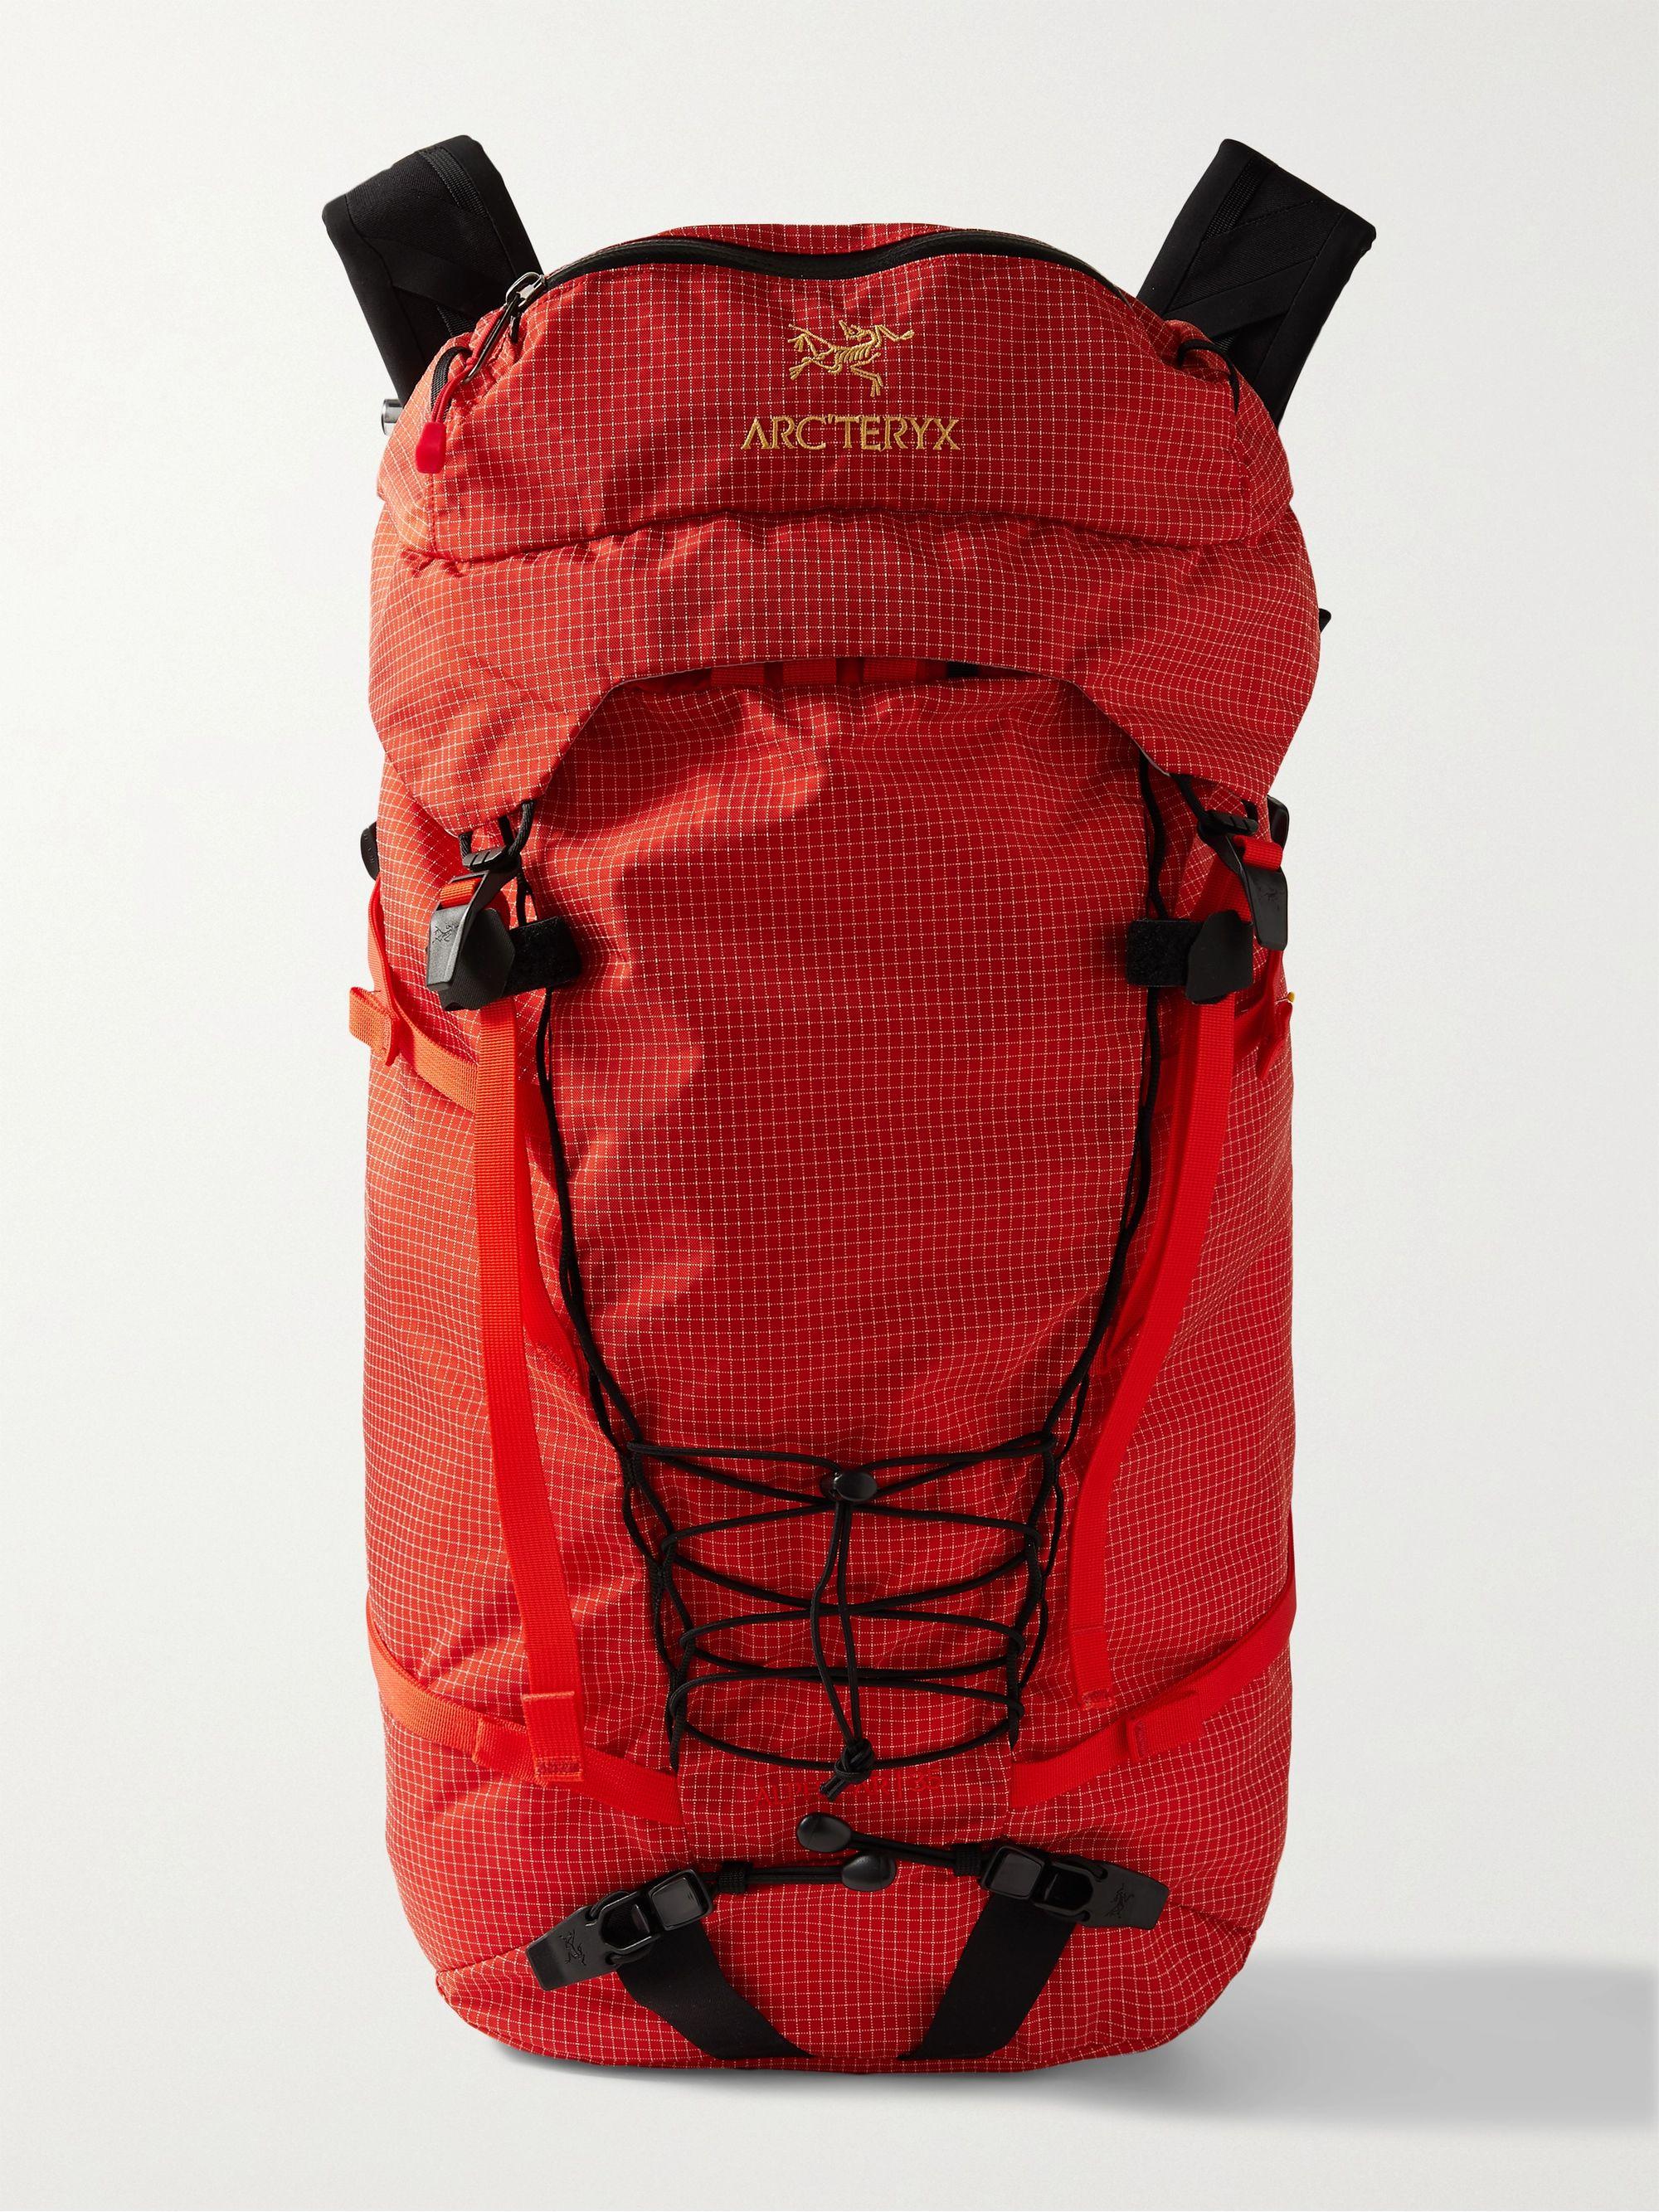 아크테릭스 로고 백팩 ArcTeryx Alpha AR 35 Ripstop Backpack,Red